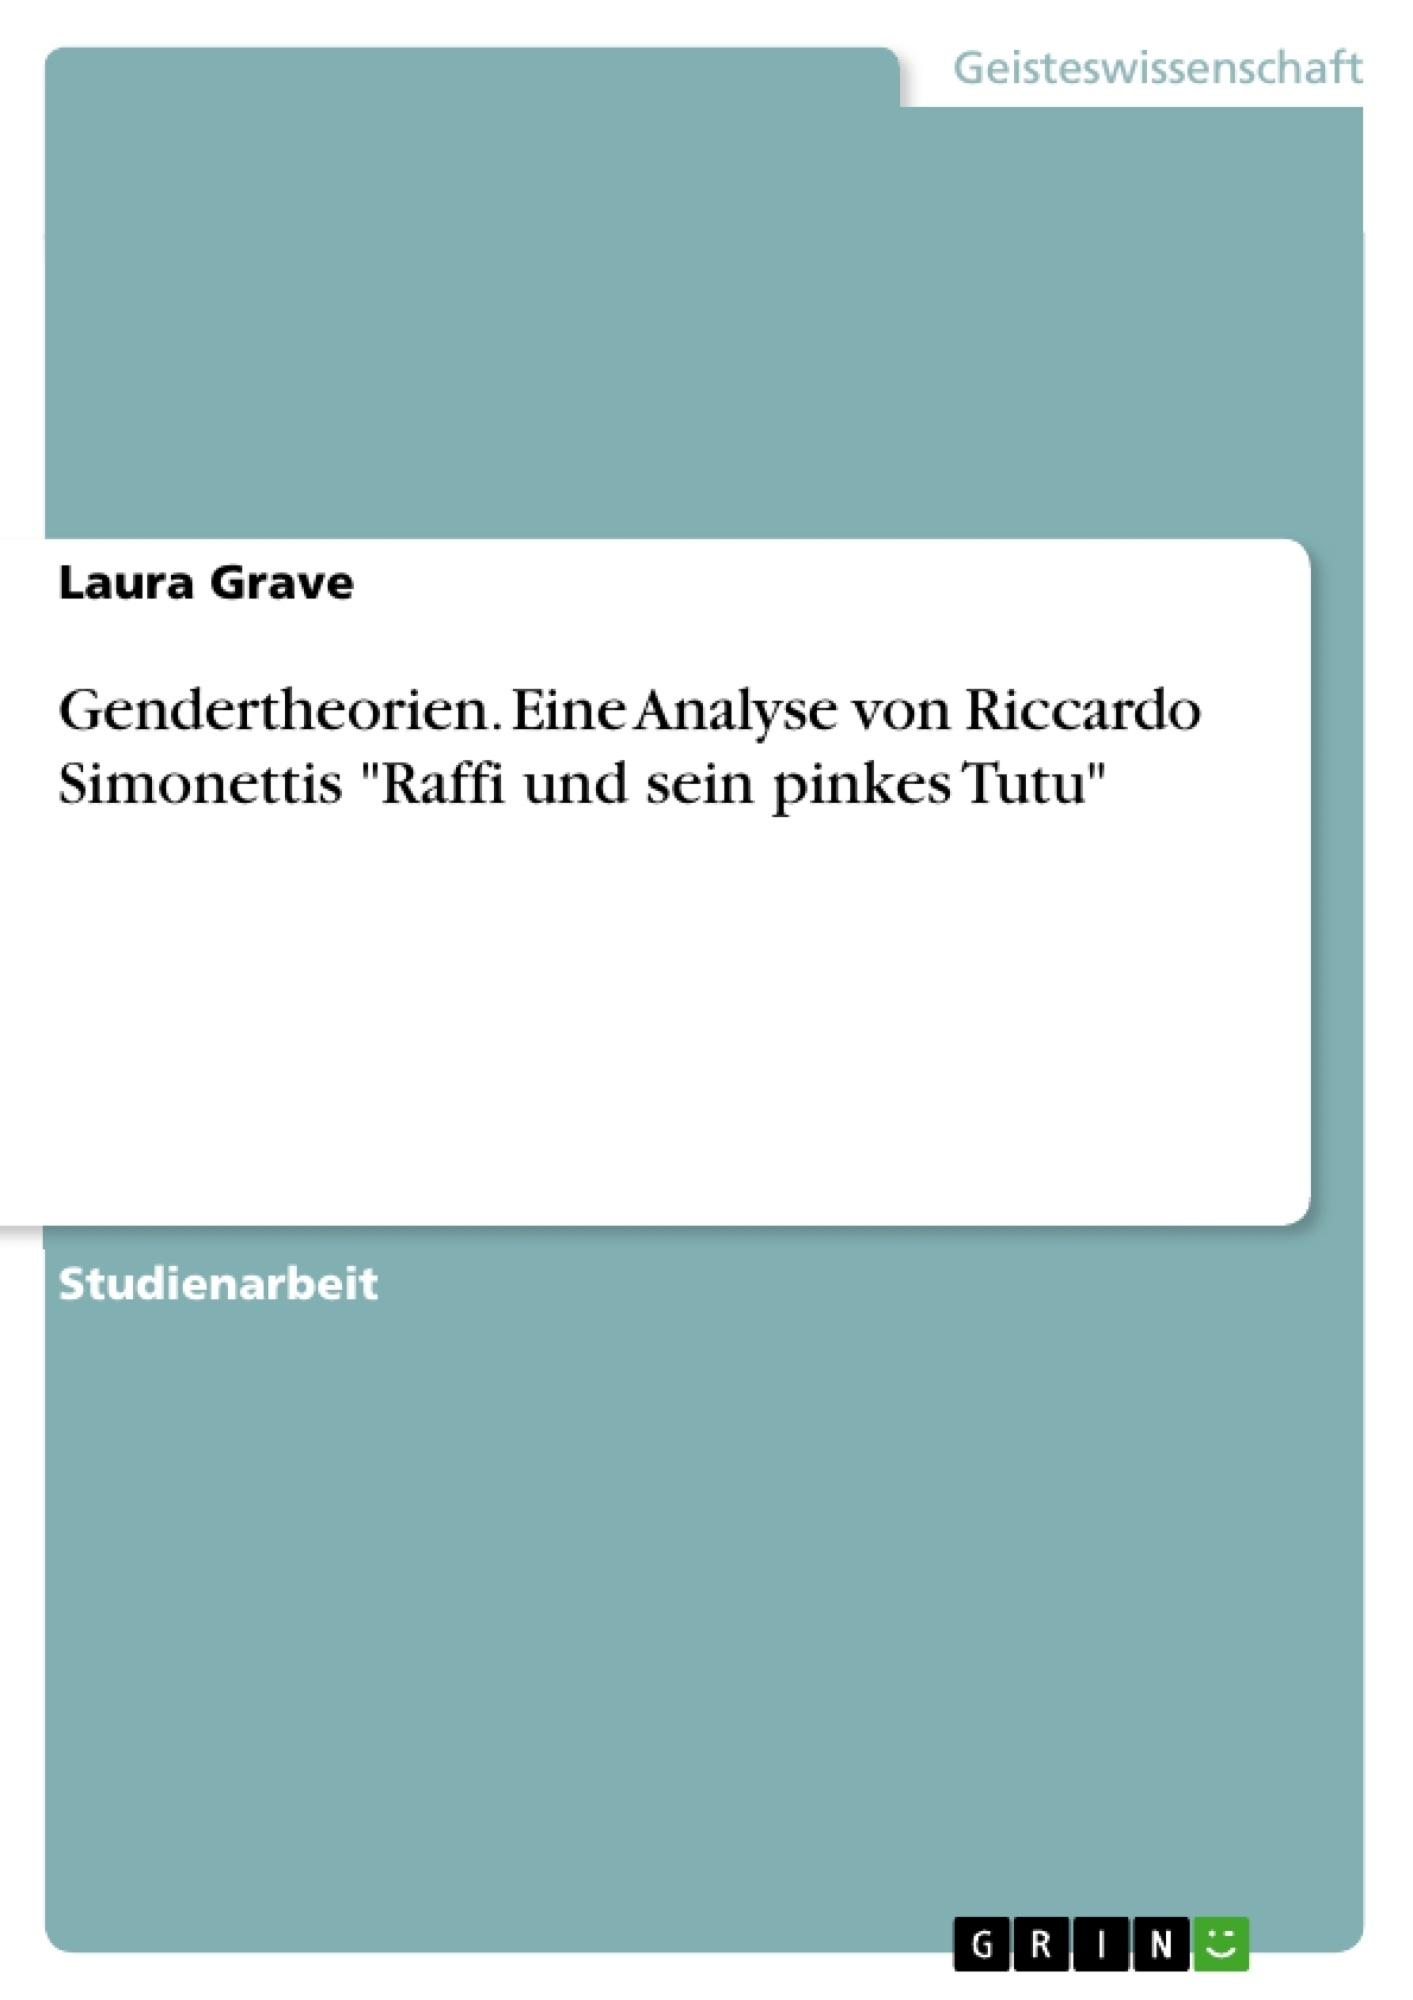 """Titel: Gendertheorien. Eine Analyse von Riccardo Simonettis """"Raffi und sein pinkes Tutu"""""""